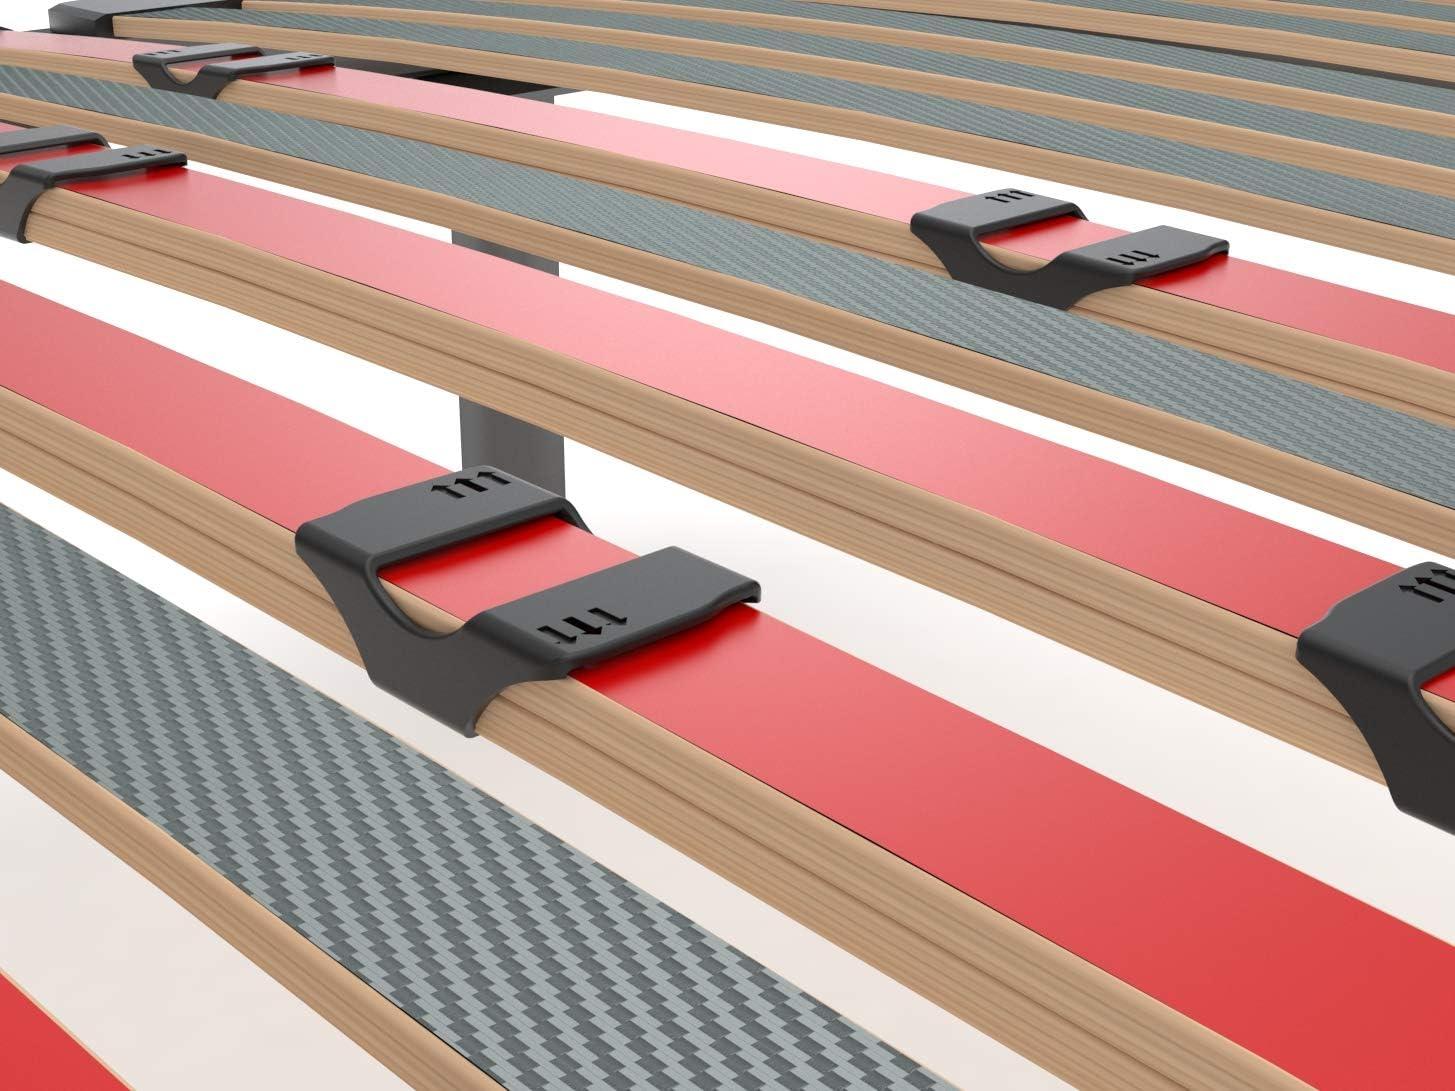 LA WEB DEL COLCHON Somier Multiláminas Regulador (*) 75 x 200 x 5 cms. (6 Patas Incluidas)